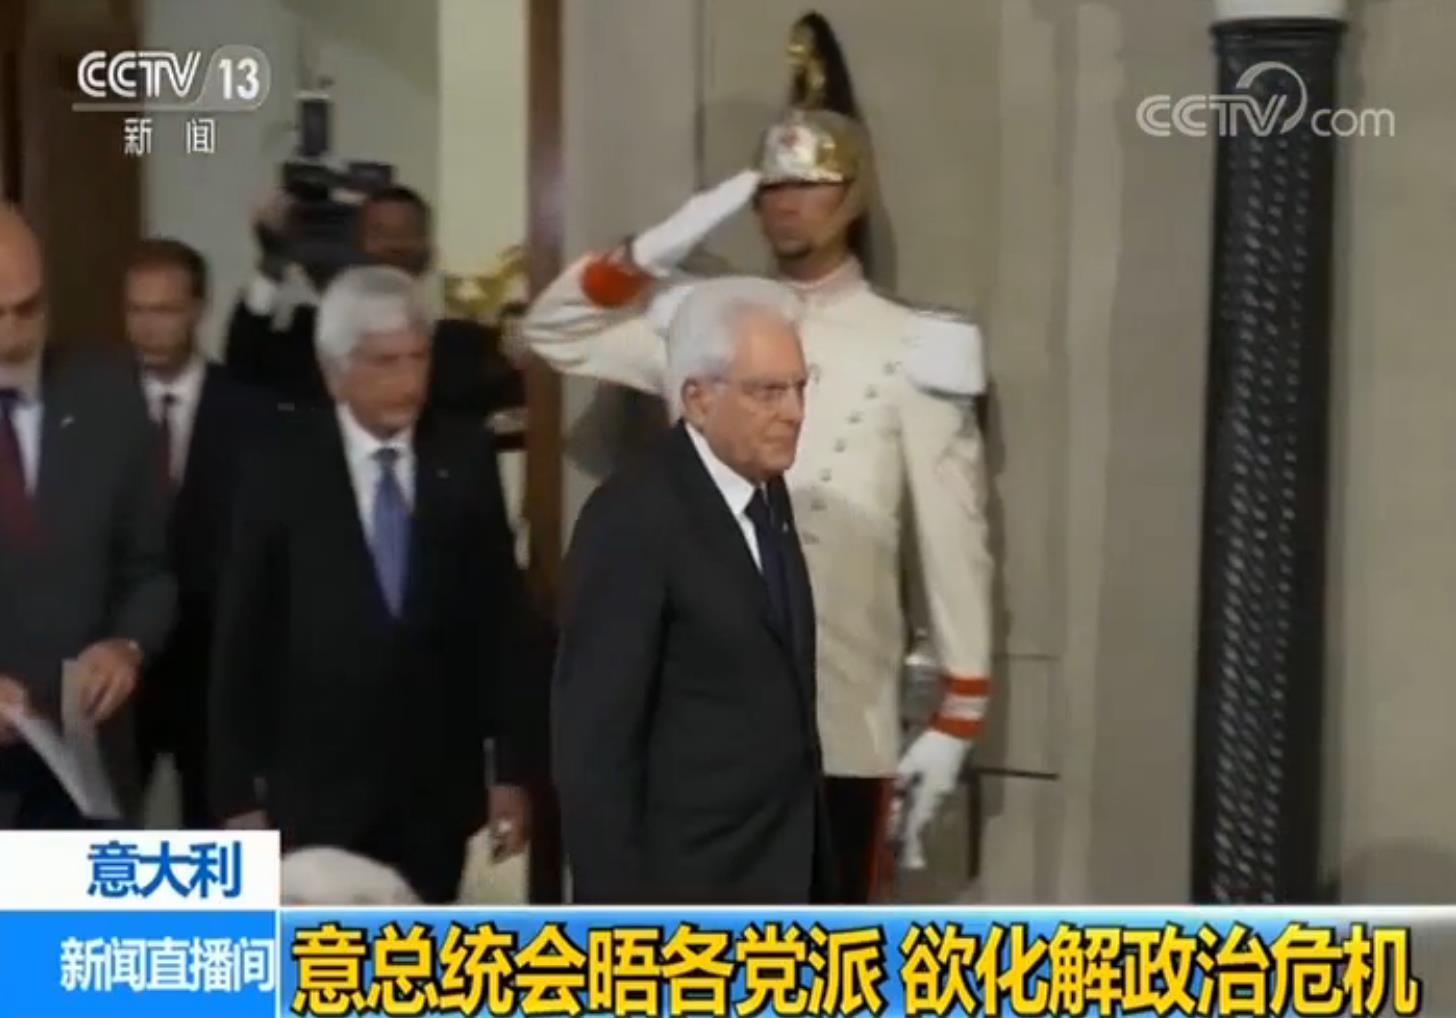 意大利总统会晤各党派 欲化解政治危机